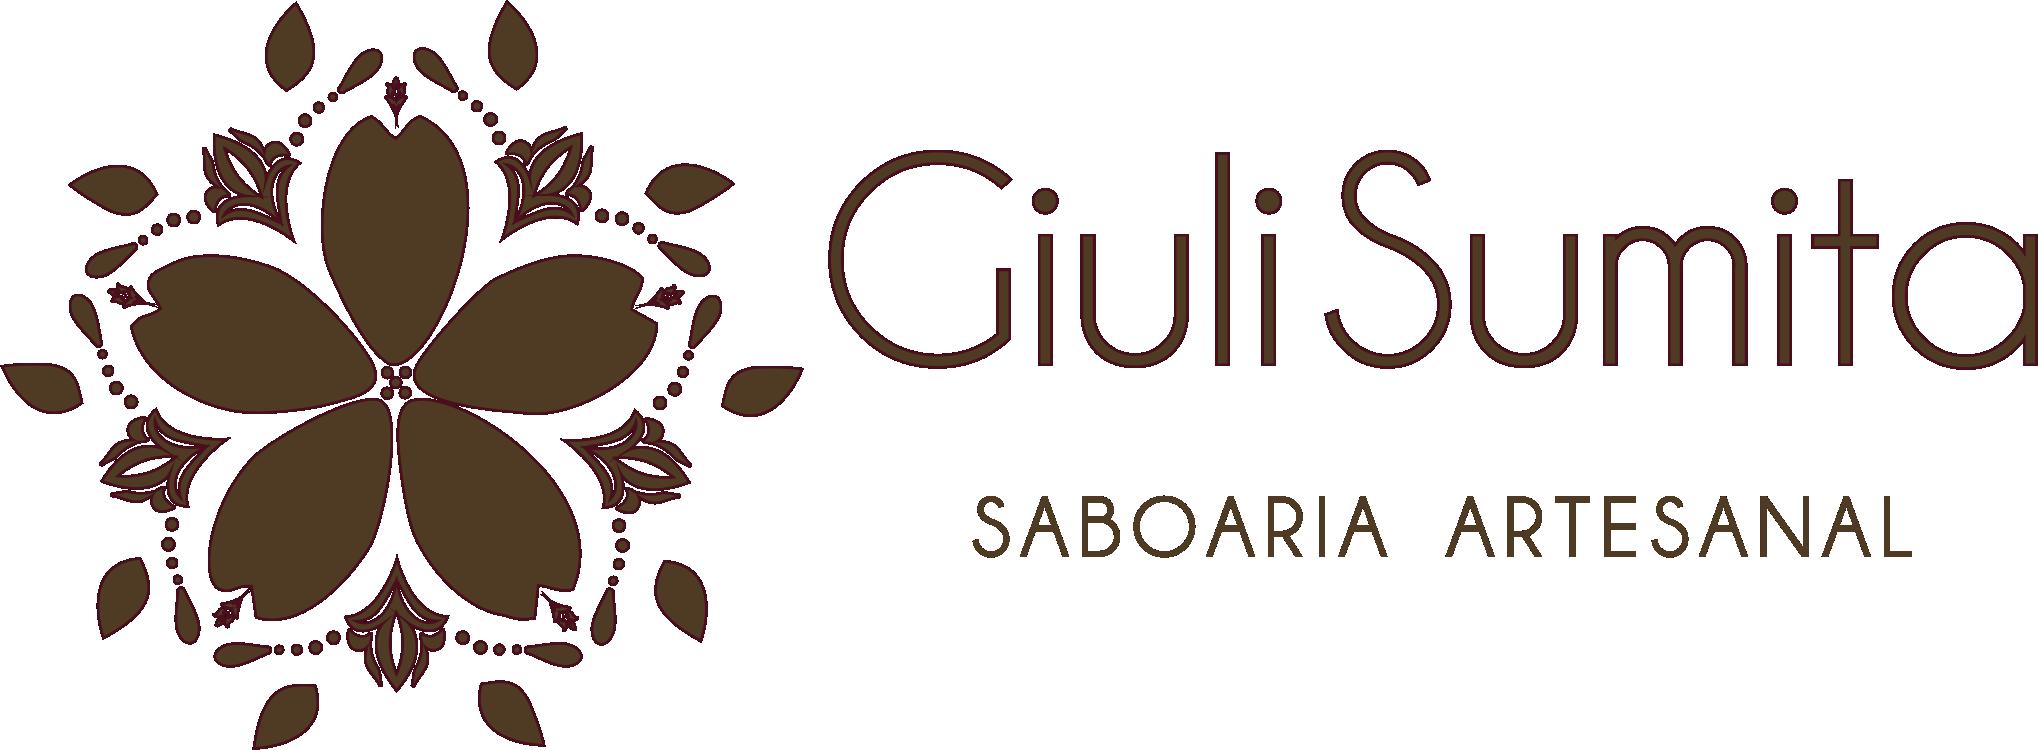 Giuli Sumita